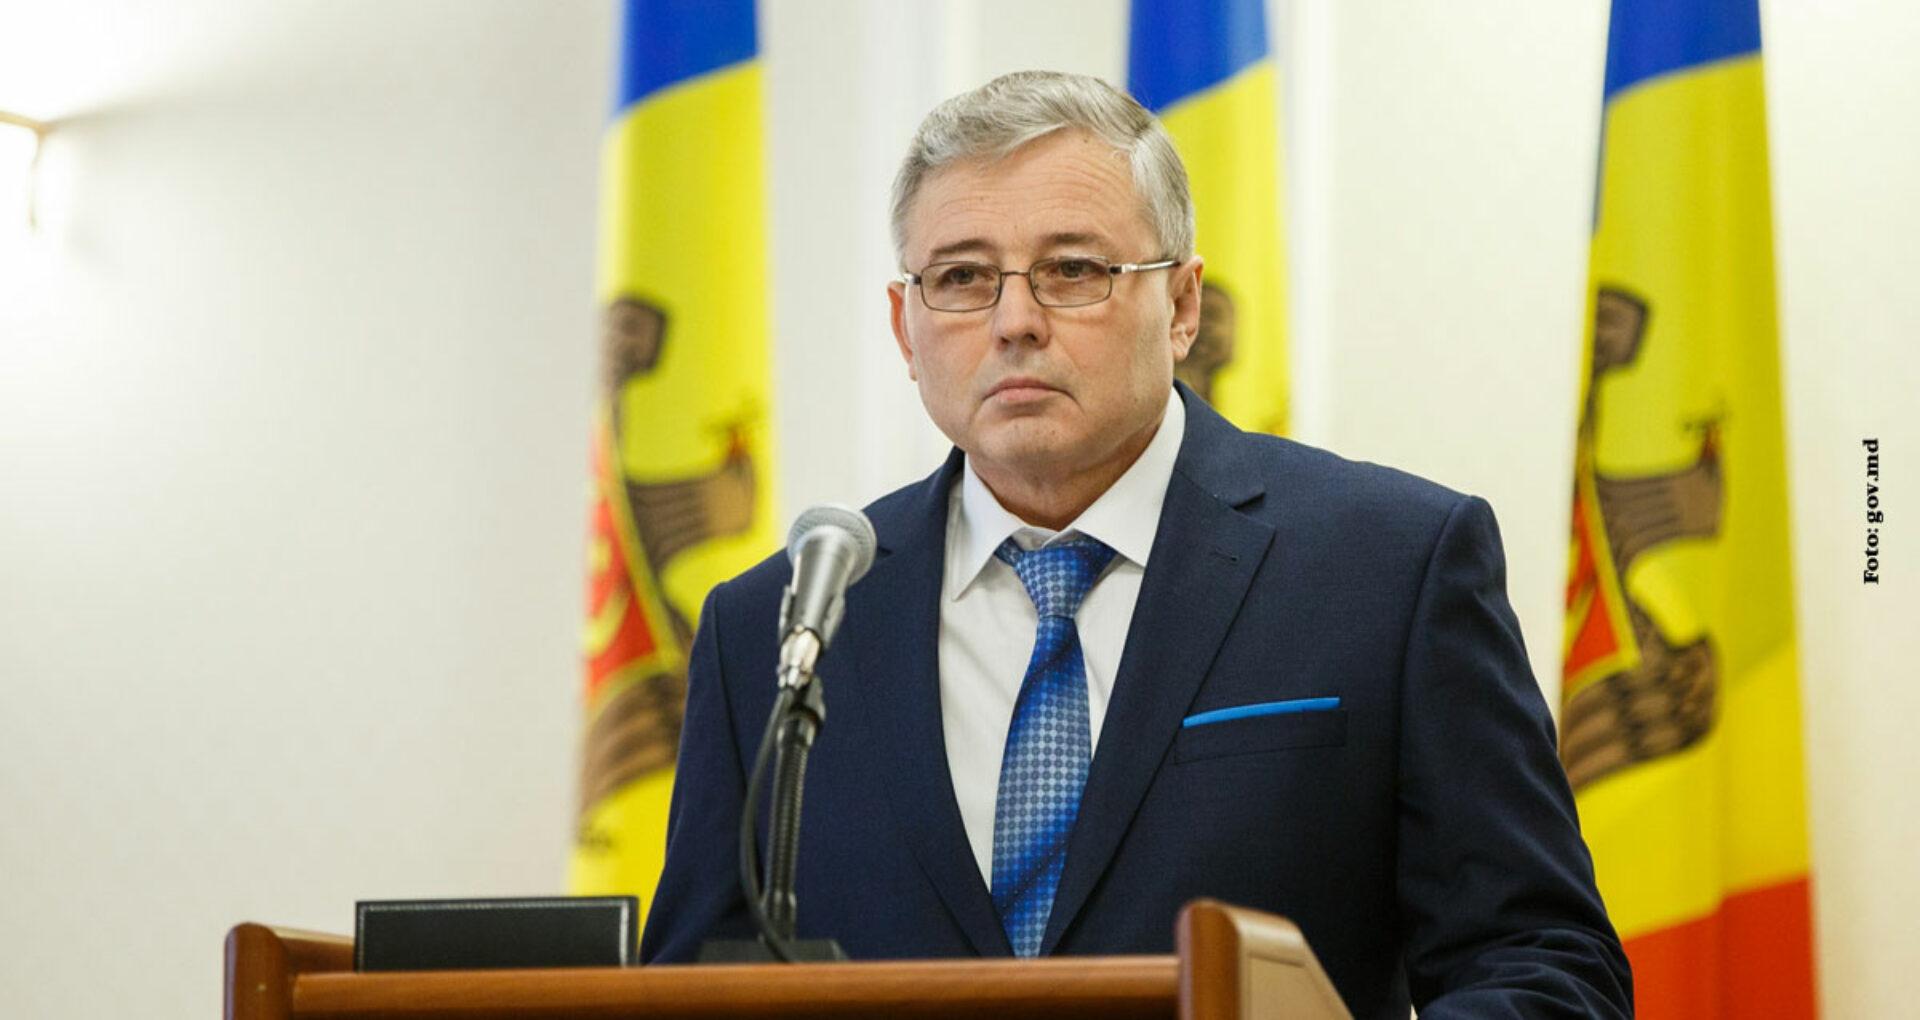 Ministrul Agriculturii: Funcţii pentru apropiaţi şi proiecte în favoarea Universităţii Agrare